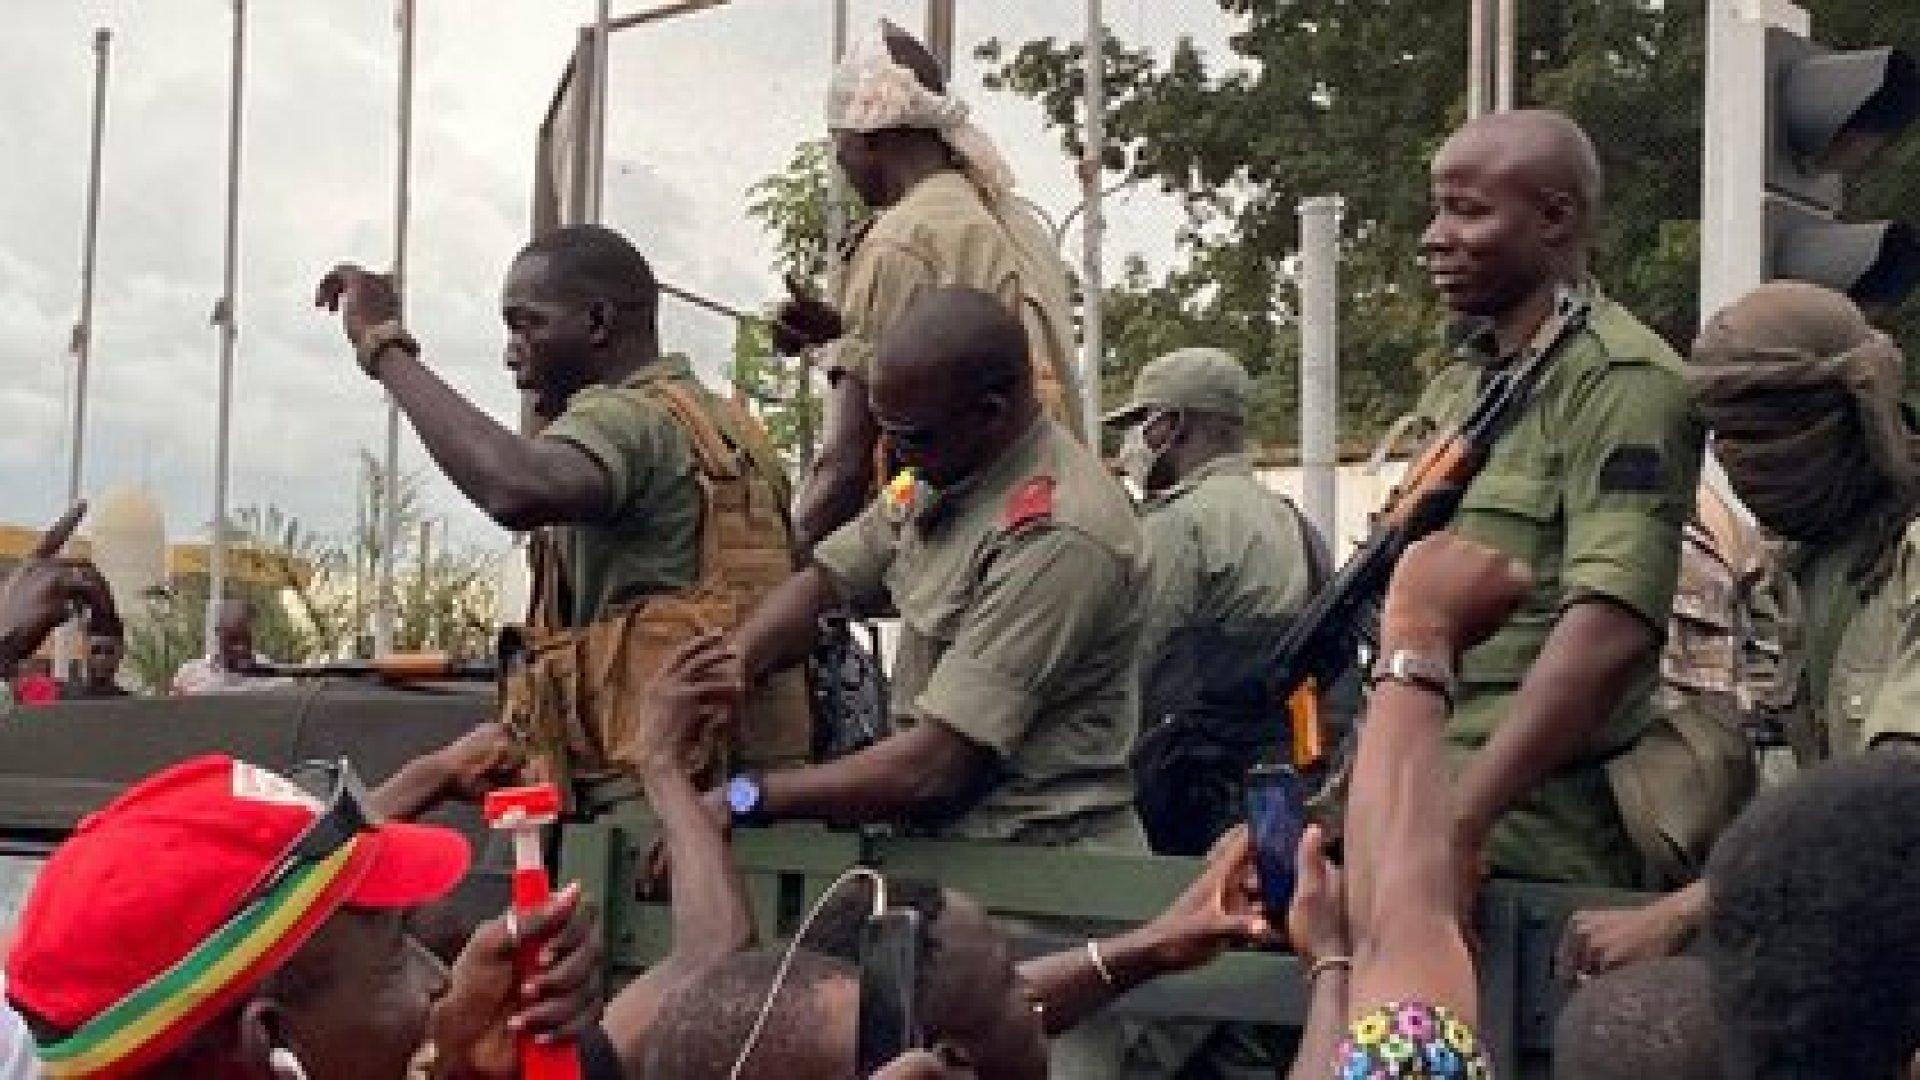 Soldados de Mali celebran el golpe de Estado llevado adelante contra el presidente. (Photo by MALIK KONATE / AFP)